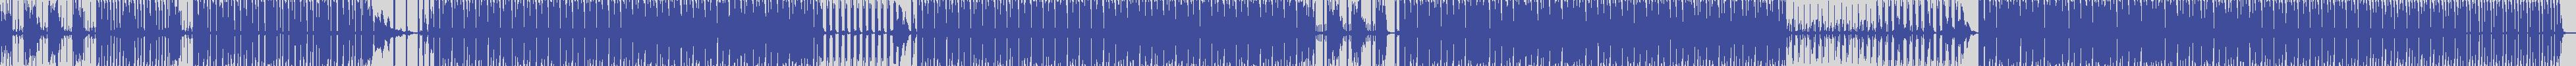 just_digital_records [JS1036] Beat Lovers - Cappuccino [Original Mix] audio wave form